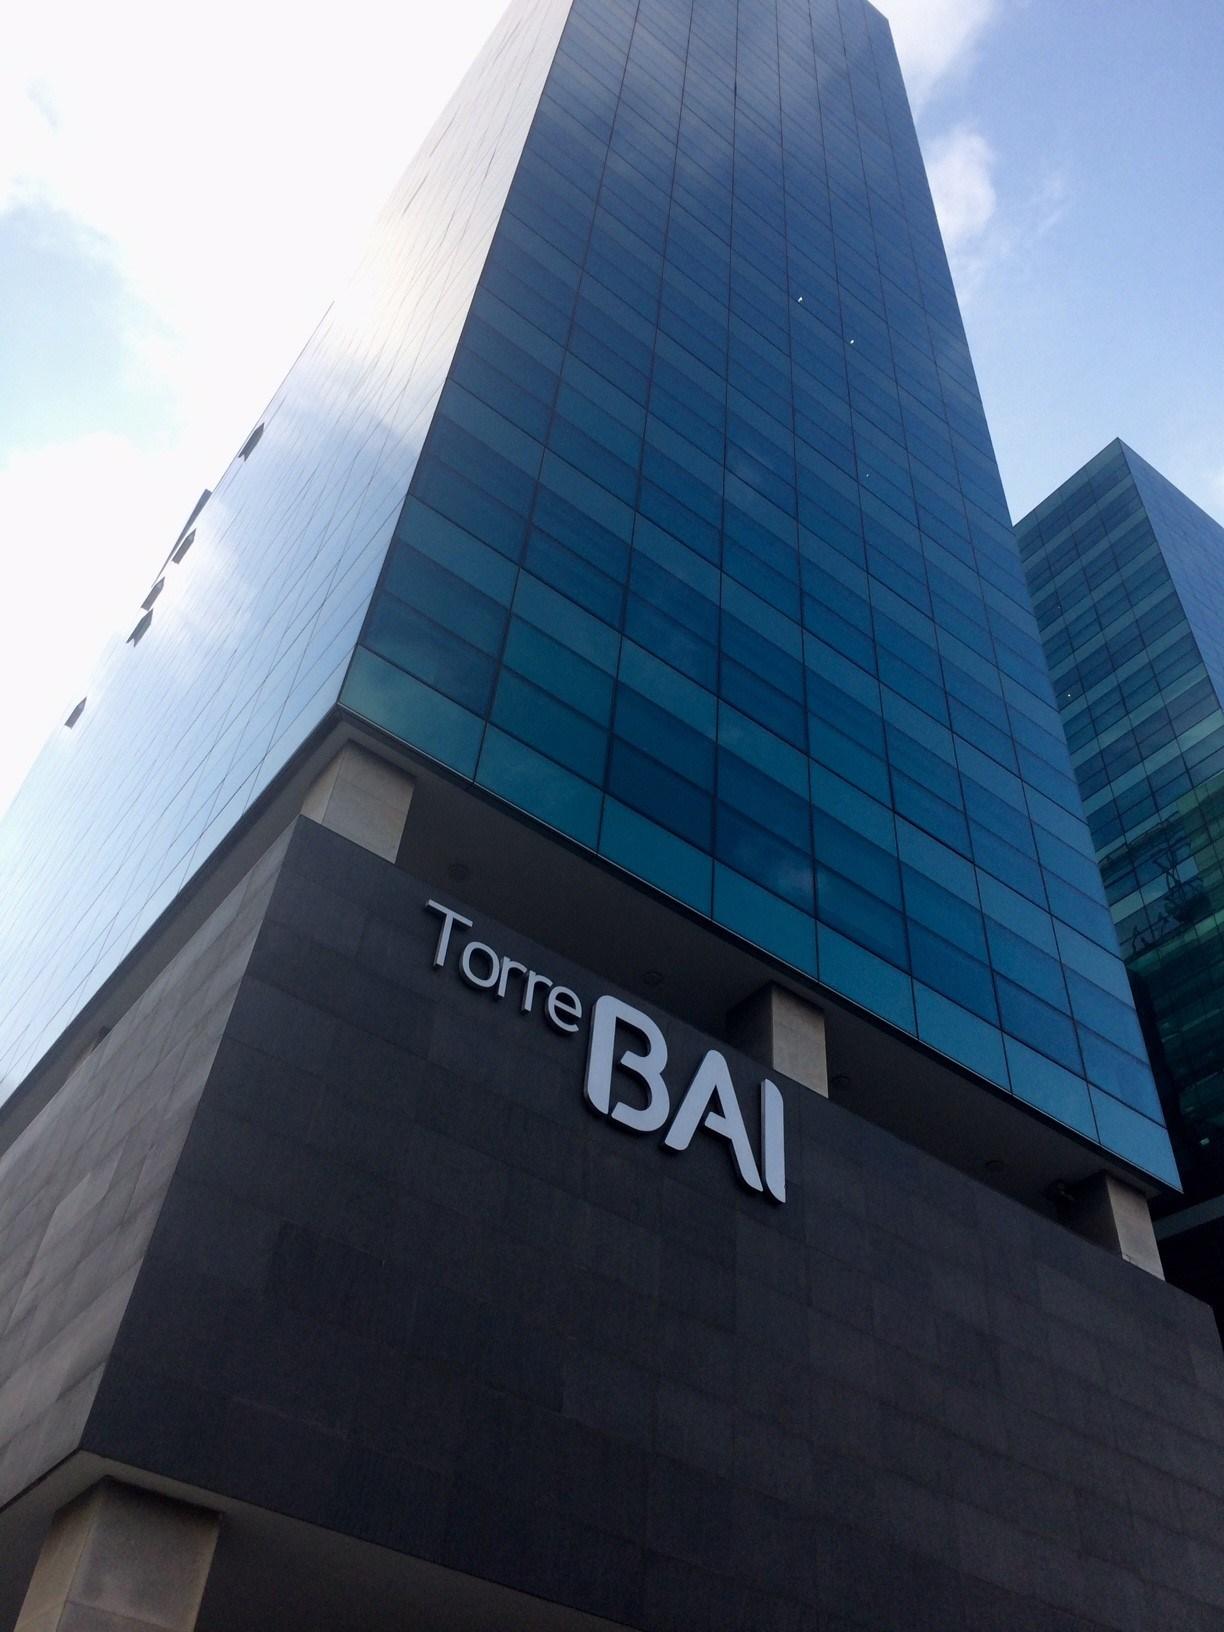 [object object] - Torre BAI - Accionistas do Banco BAI reúnem-se com avaliação geral da administração na agenda